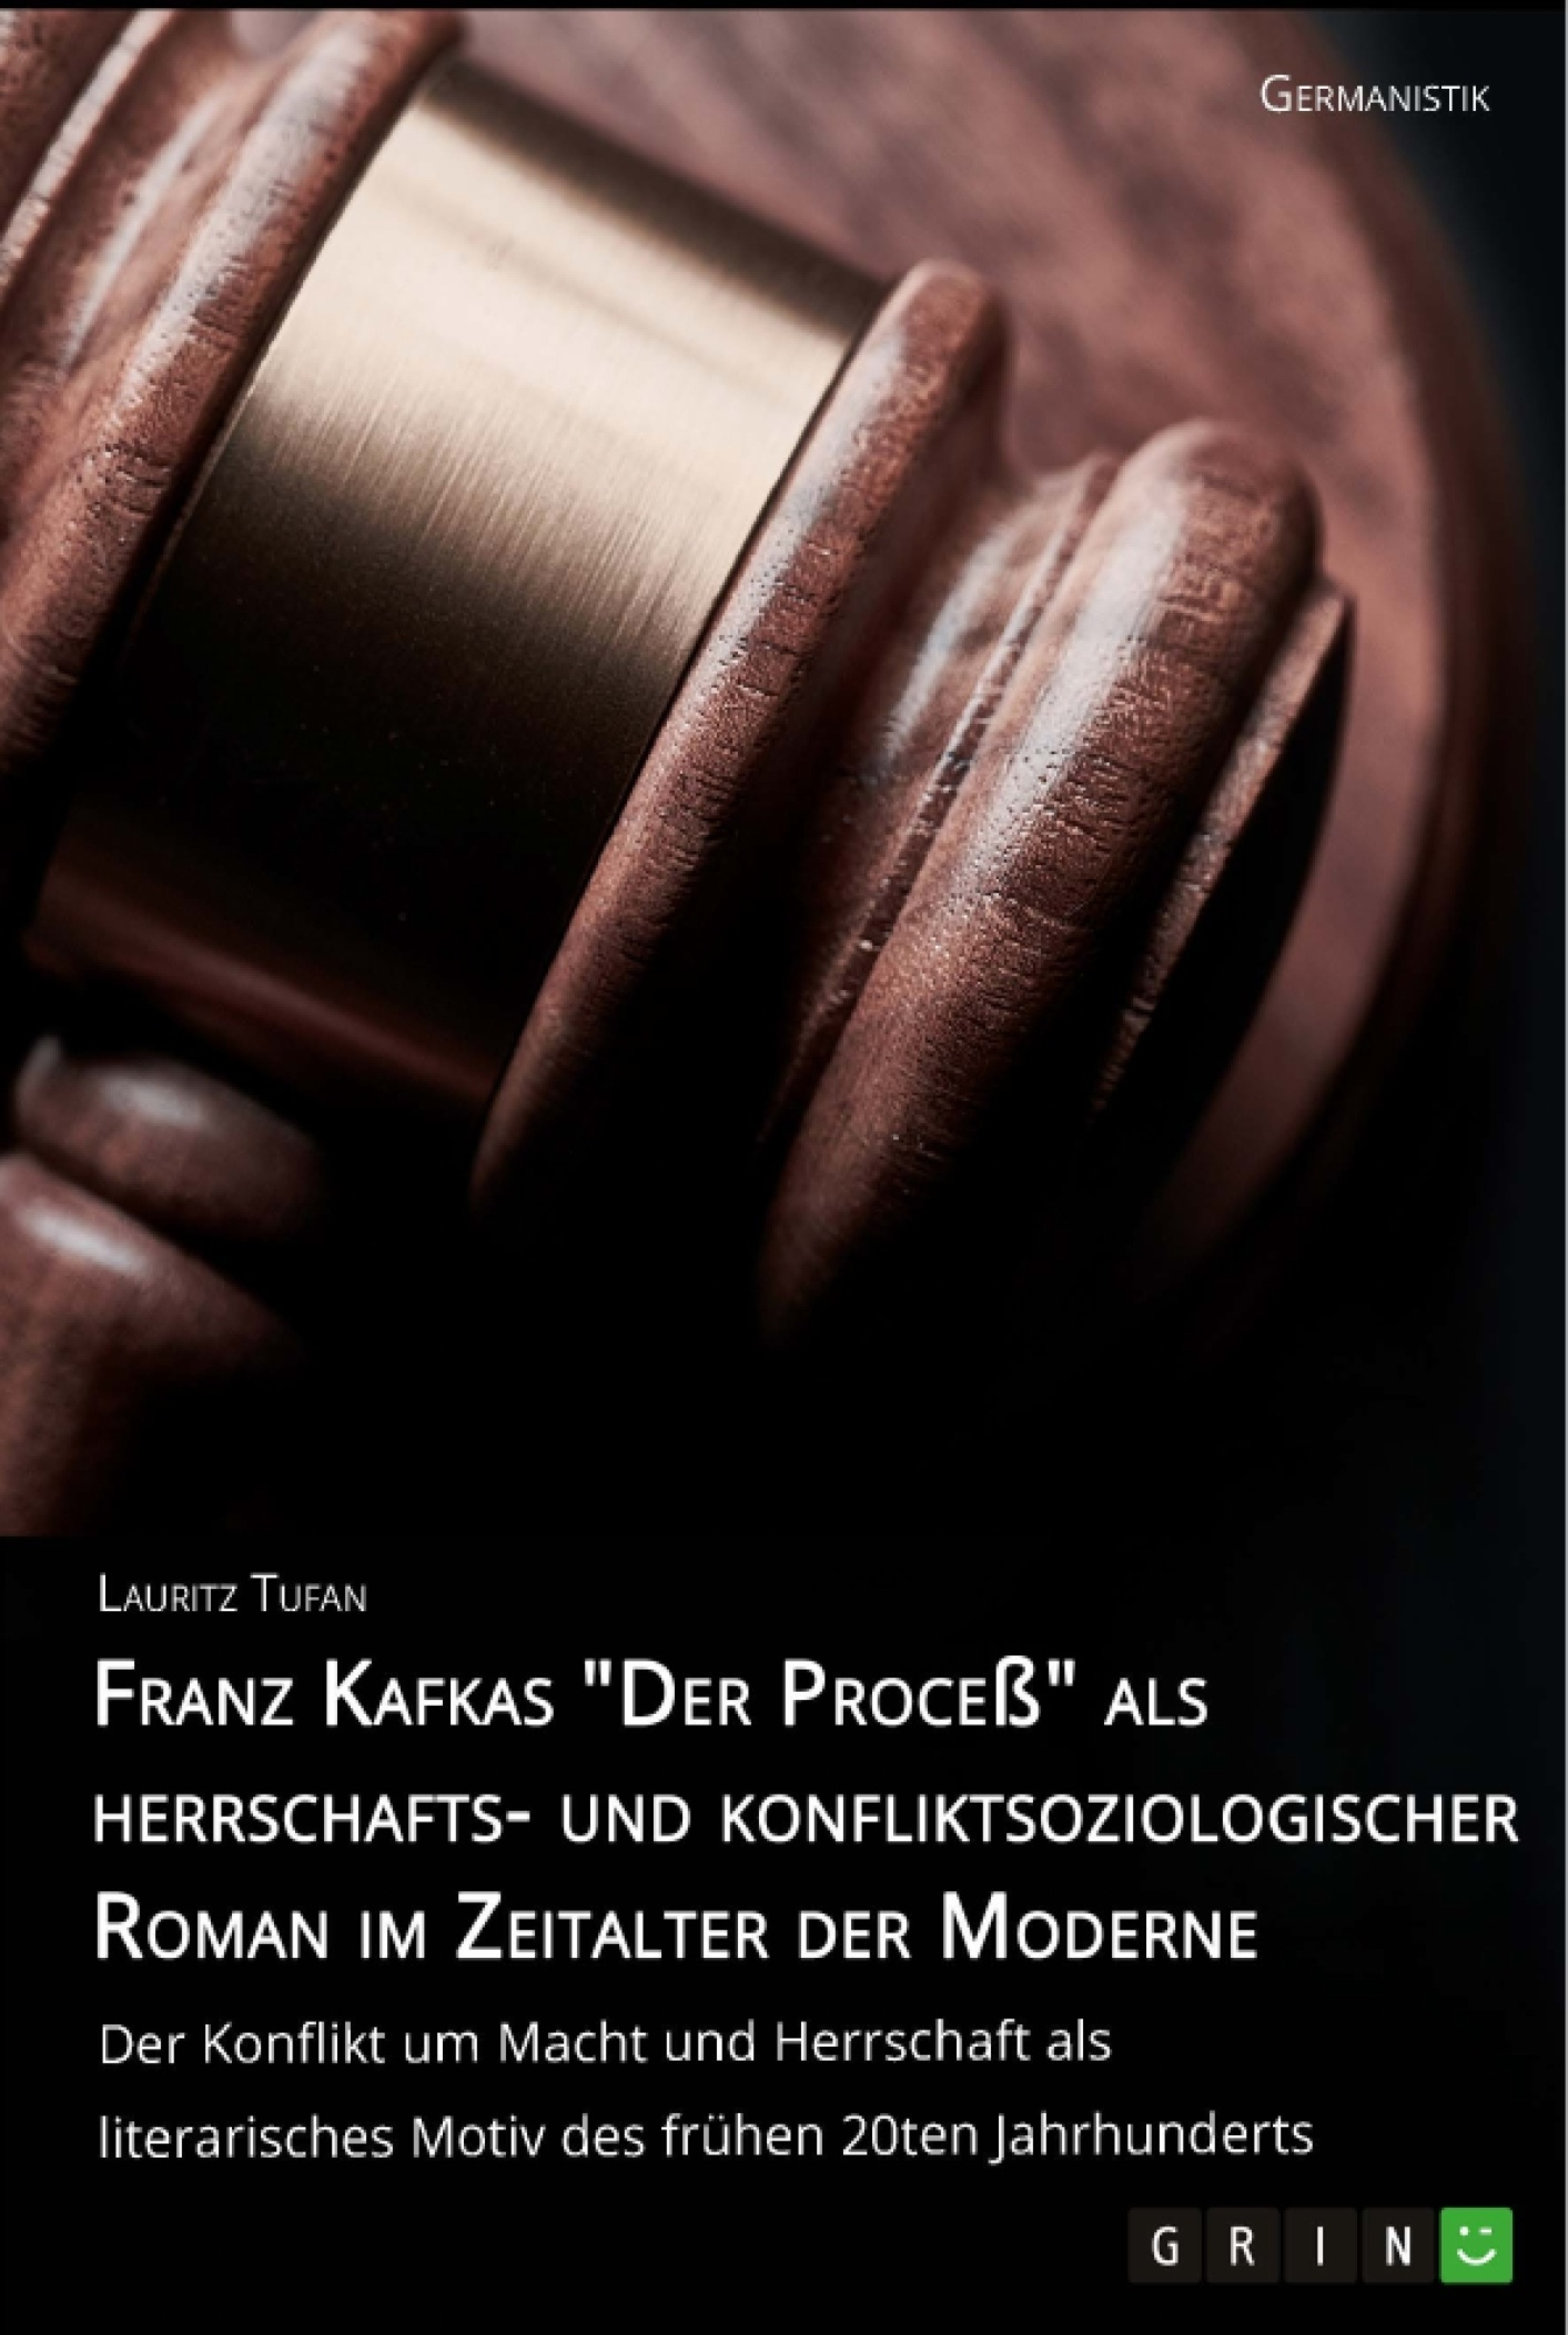 """Titel: Franz Kafkas """"Der Proceß"""" alsherrschafts- und konfliktsoziologischer Roman im Zeitalter der Moderne. Der Konflikt um Macht und Herrschaft als literarisches Motiv des frühen 20ten Jahrhunderts"""